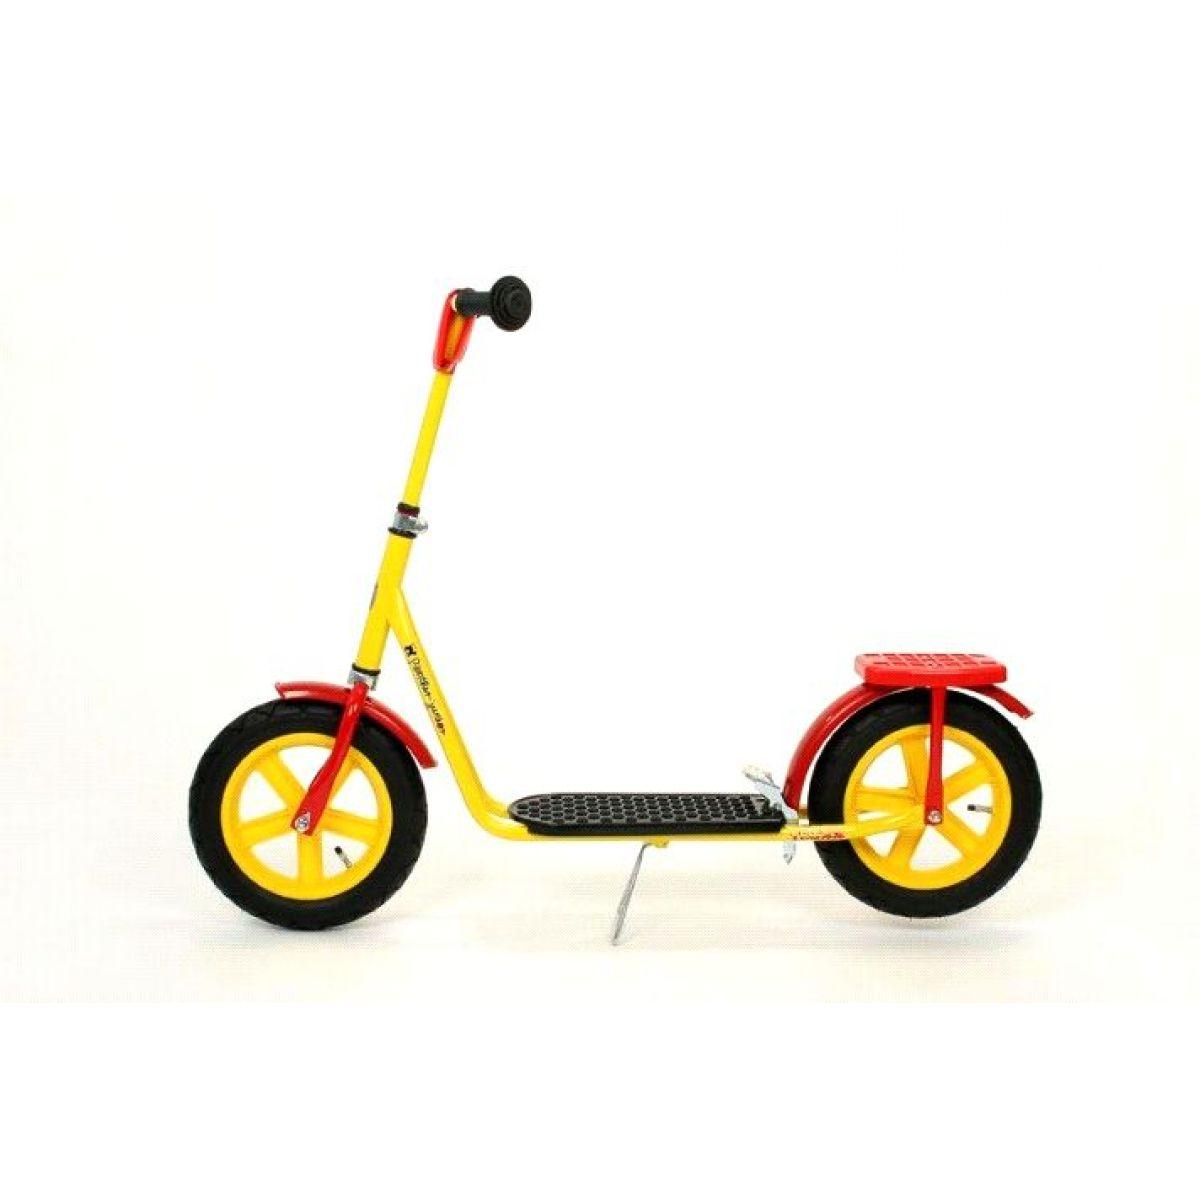 Panther Junior Koloběžka TRIXX 12 Speciál - žlutý PVC ráfek-žlutá